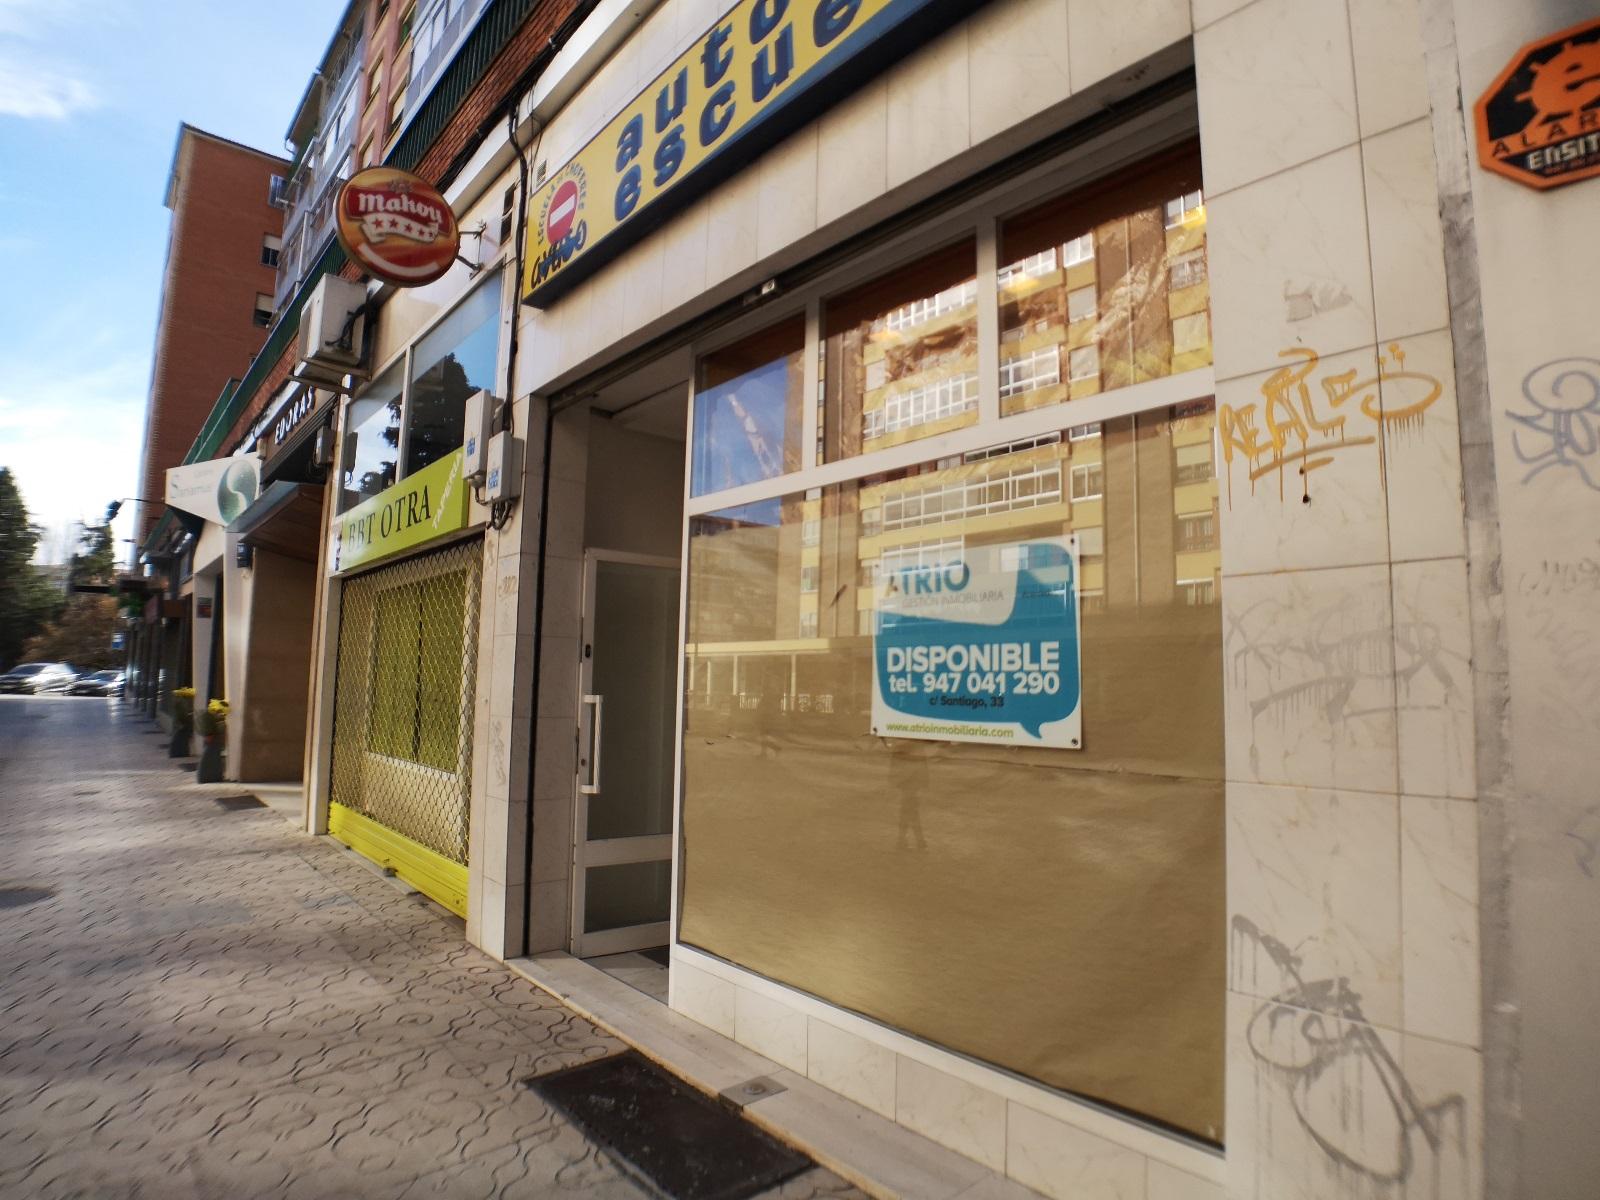 -eu-west-1.amazonaws.com/mobilia/Portals/inmoatrio/Images/6704/4311087